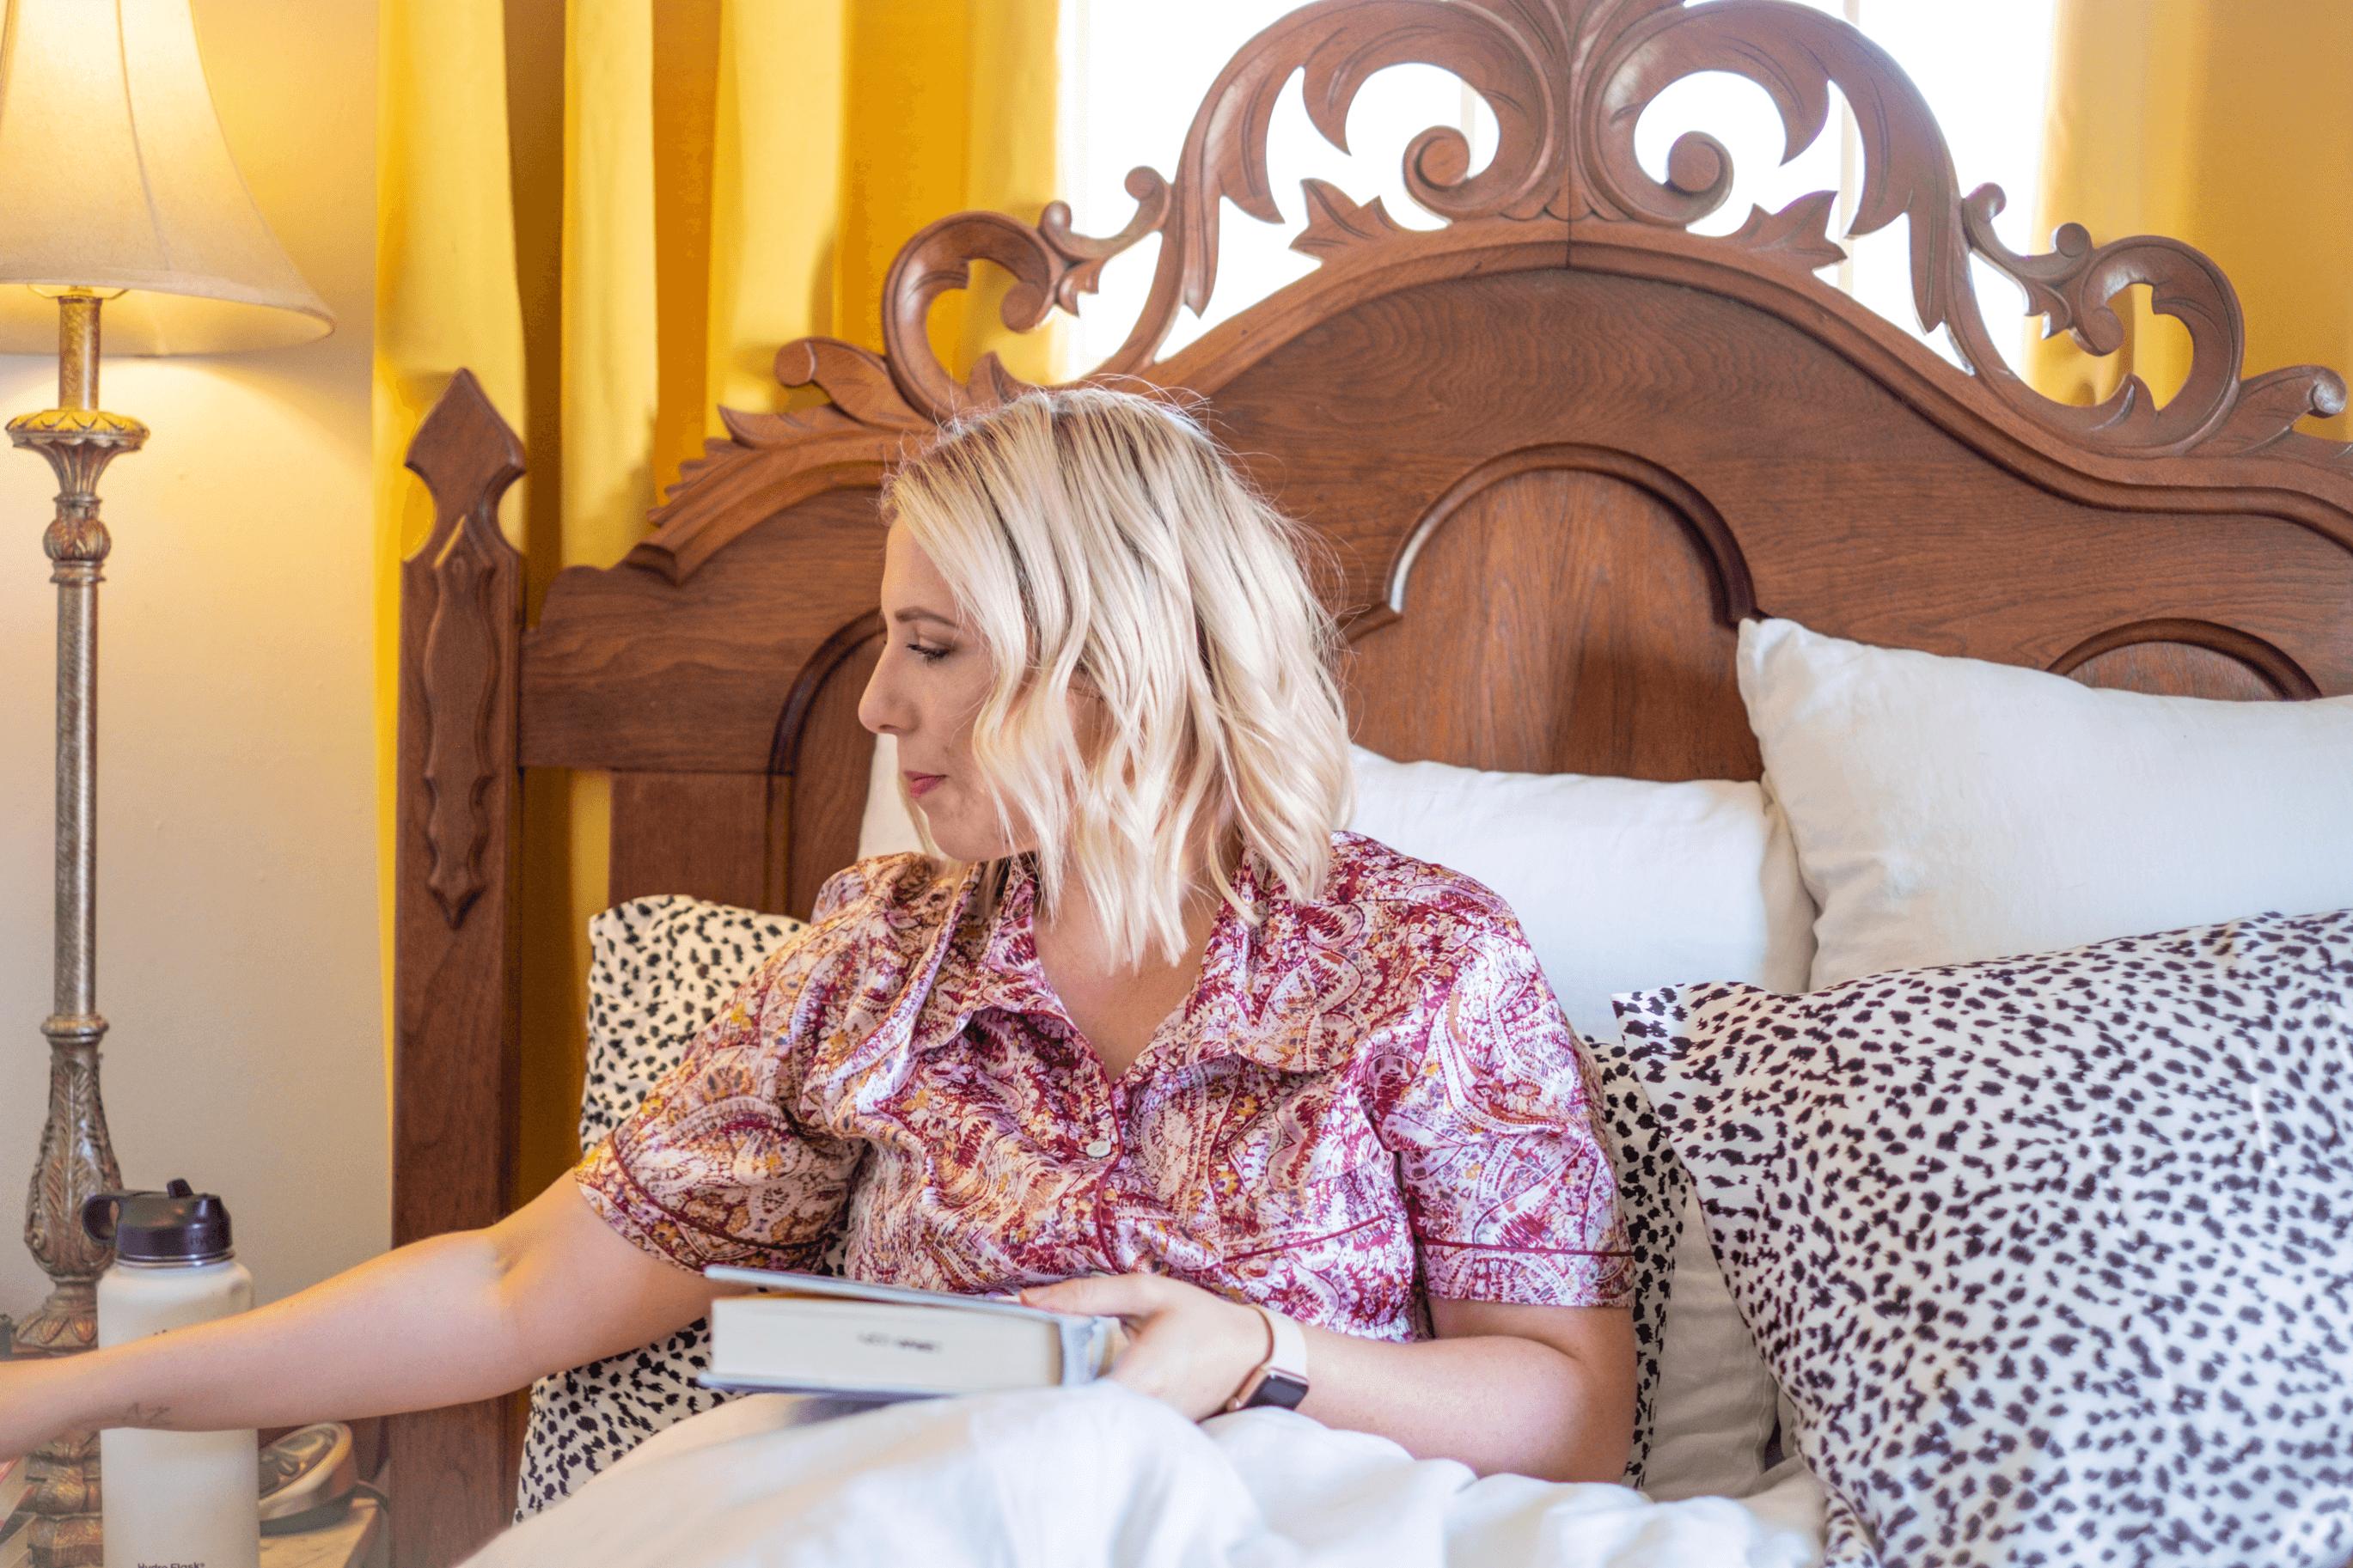 8 Tips To Help You Sleep Better #whatsavvysaid #sleepbetter #getbettersleep #sleeptips #librarybook